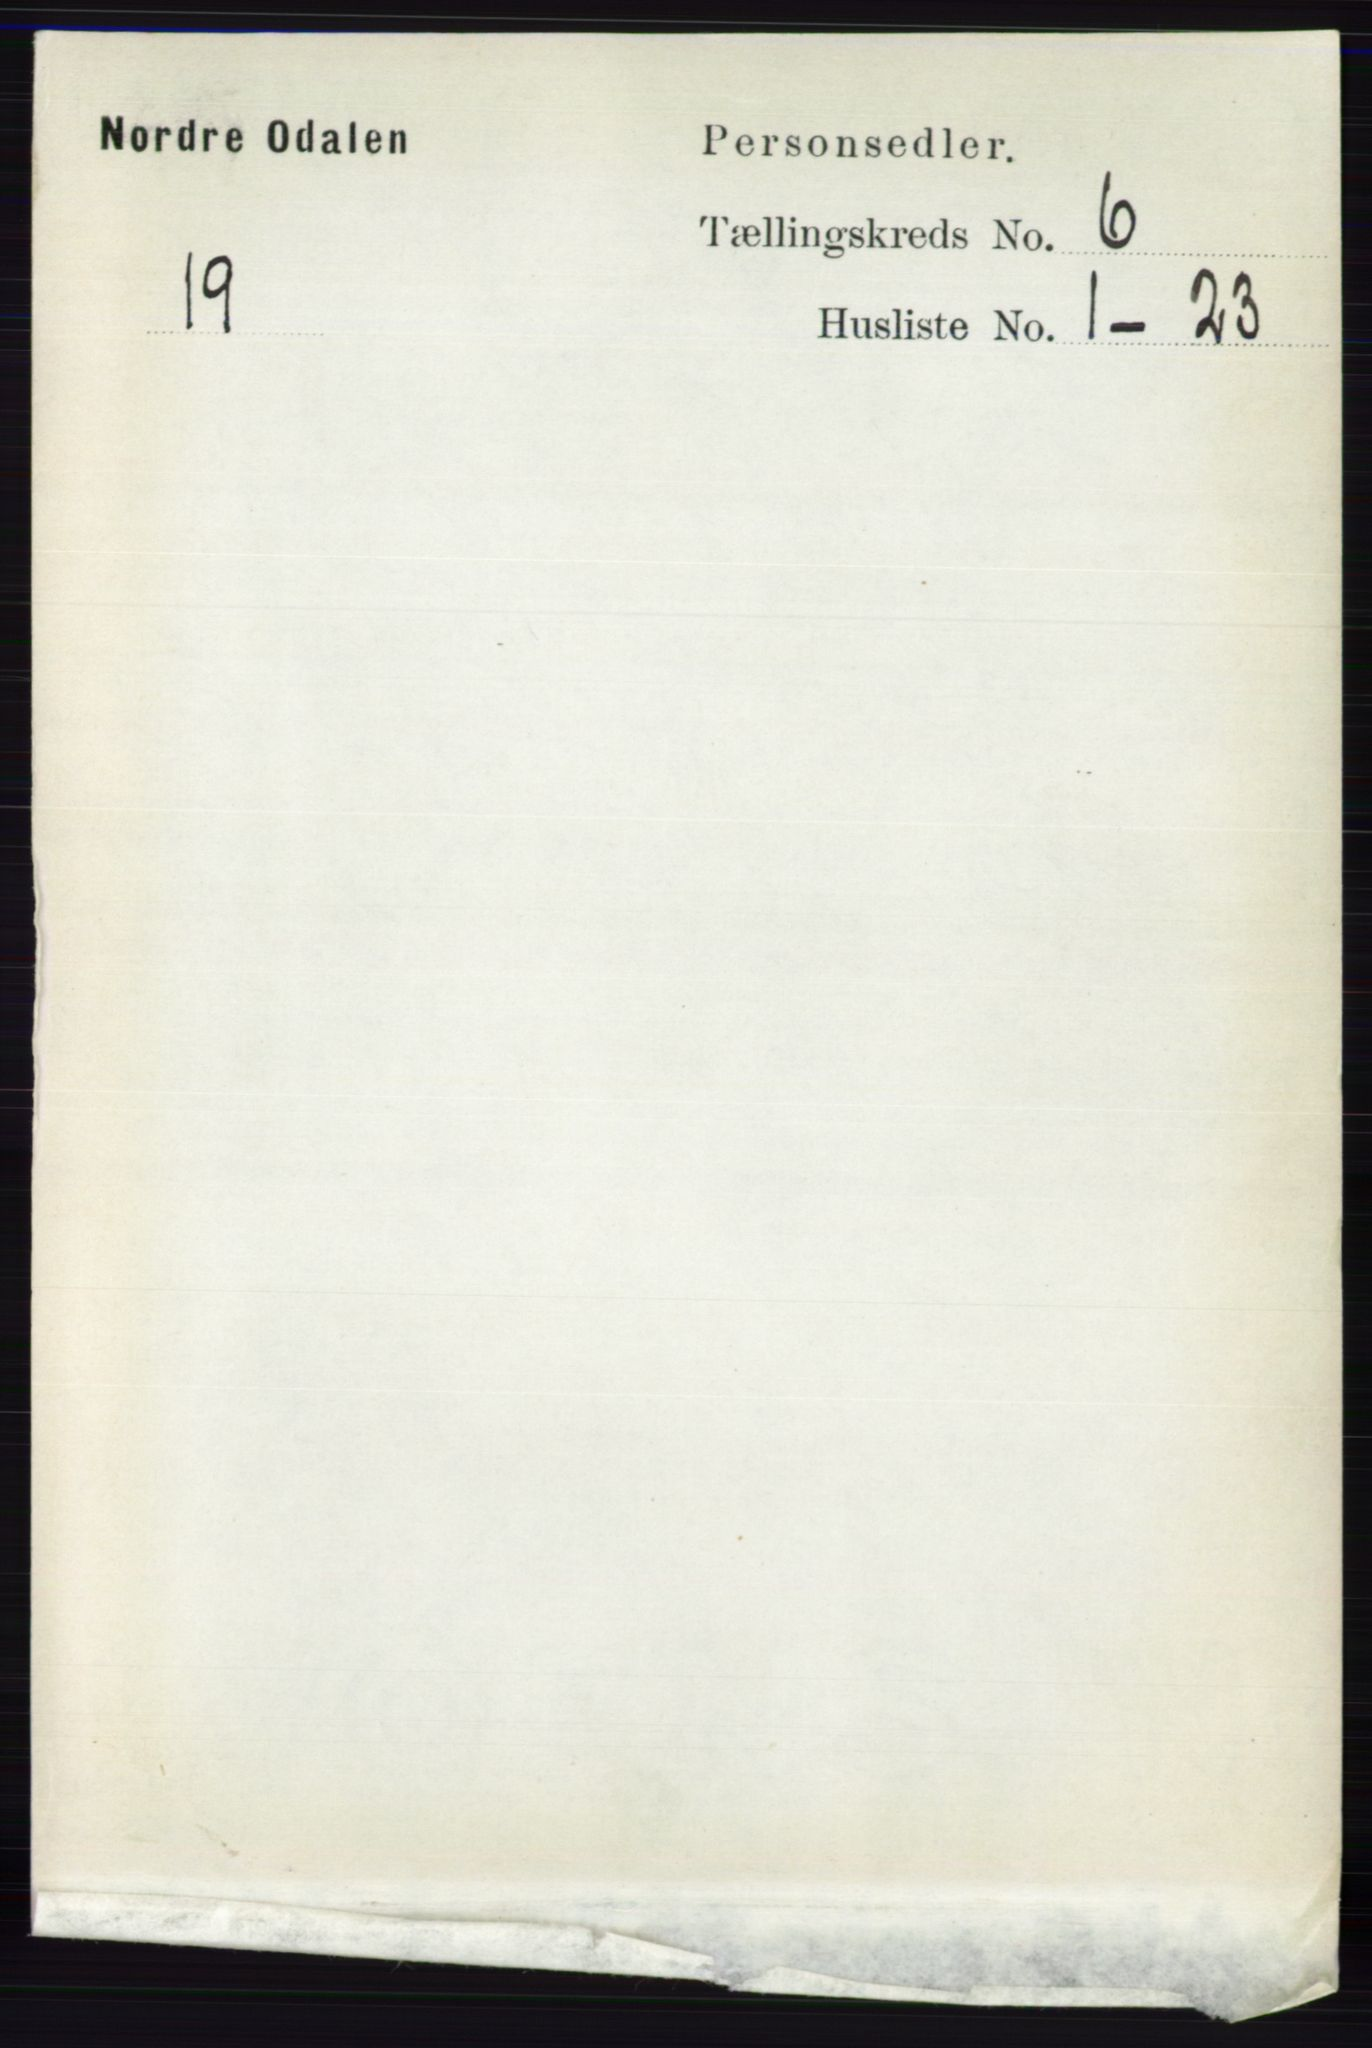 RA, Folketelling 1891 for 0418 Nord-Odal herred, 1891, s. 2272